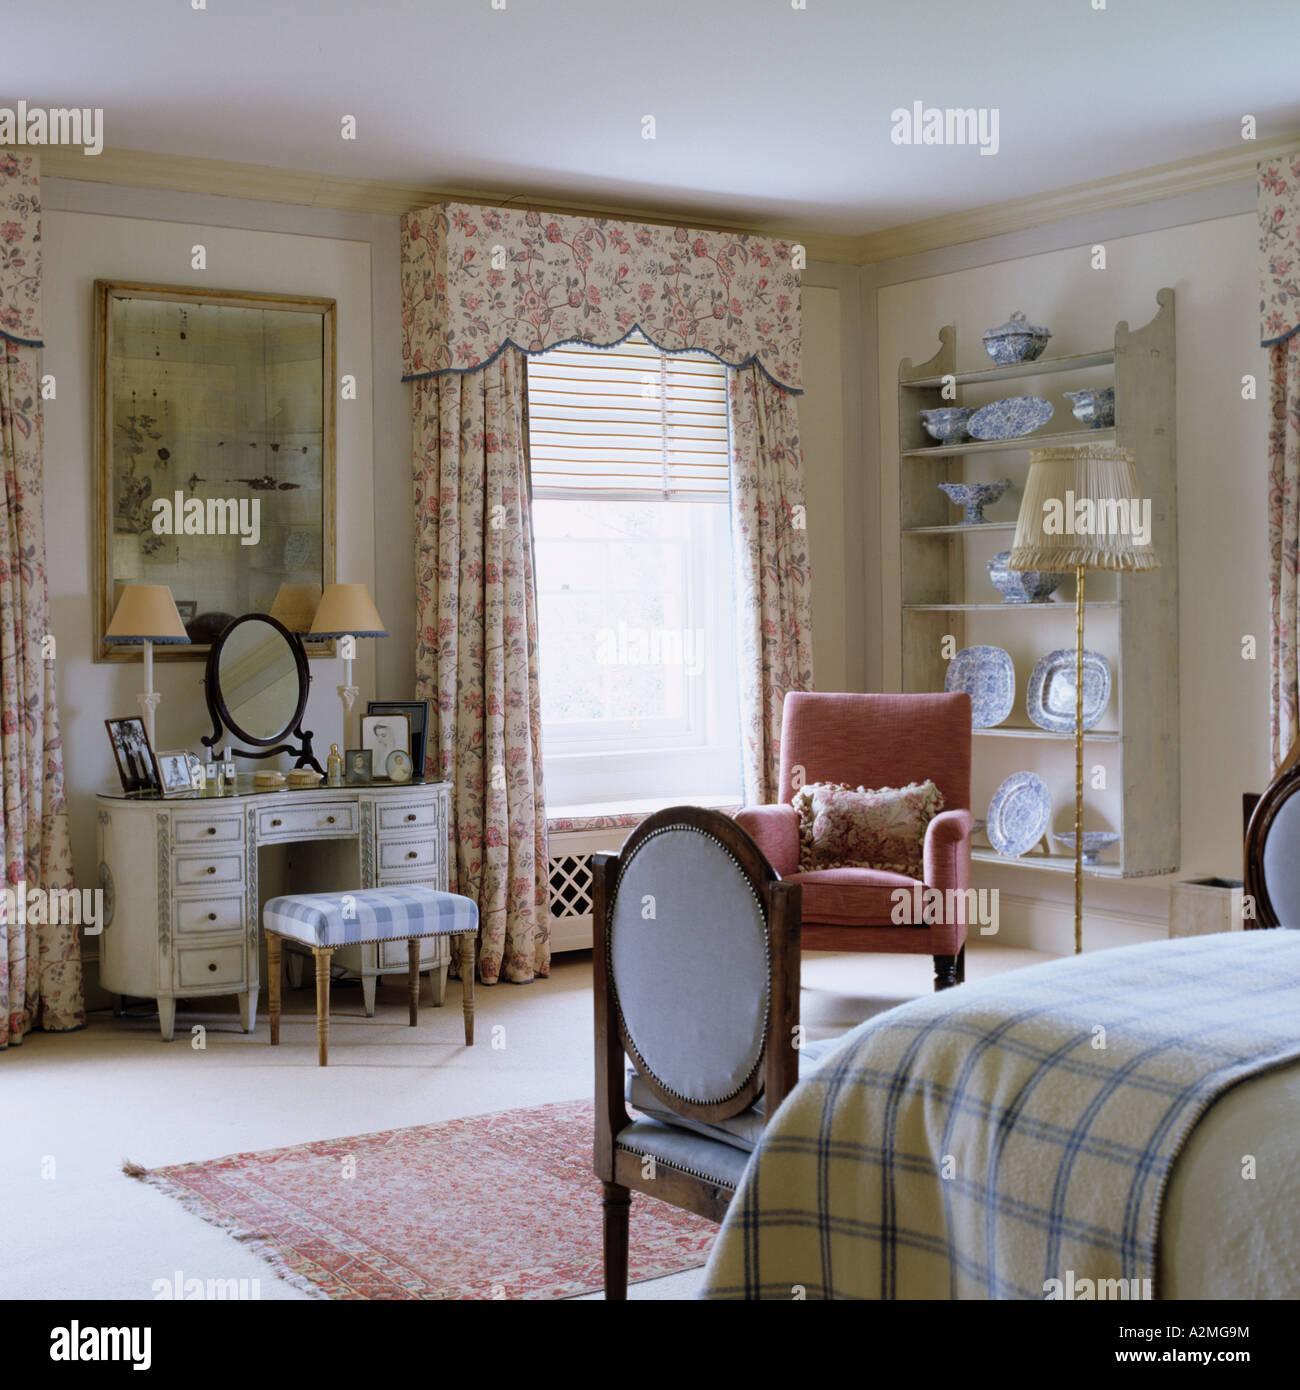 dormitorio con cortinas estampadas y tocador en la casa de